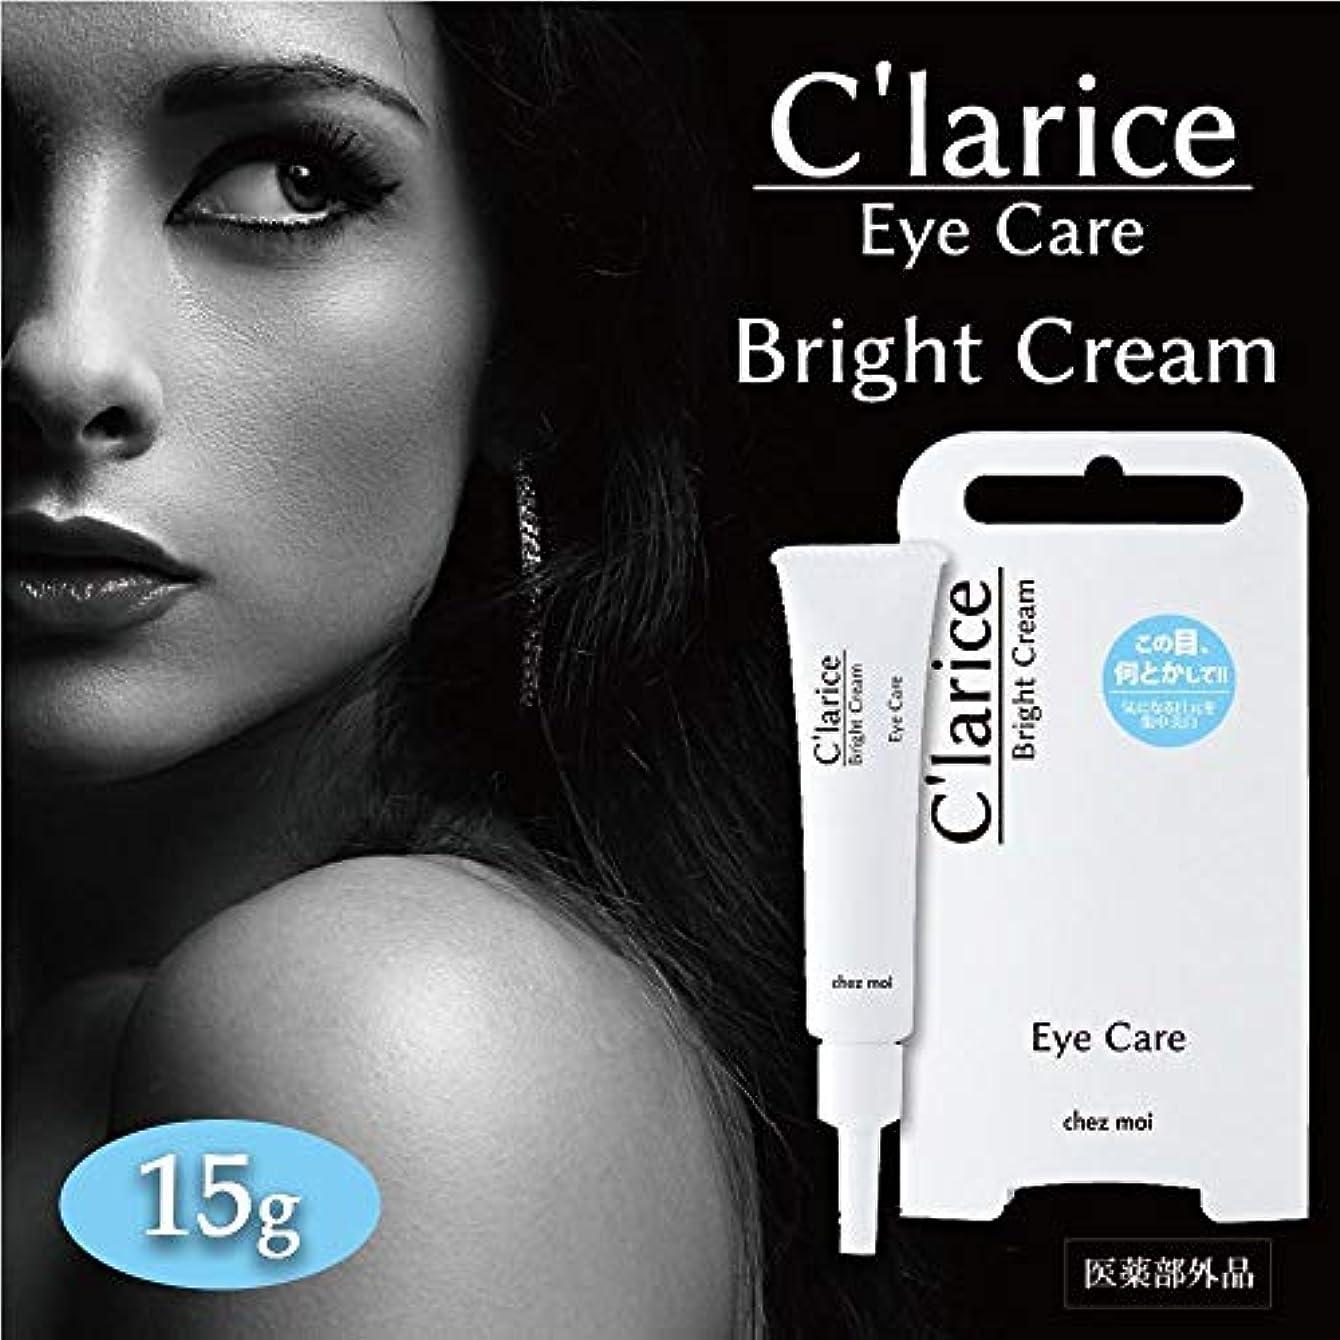 神の備品杖C'larice(クラリス) Eye Care ‐Bright Cream‐(ブライトクリーム) 医薬部外品 15g